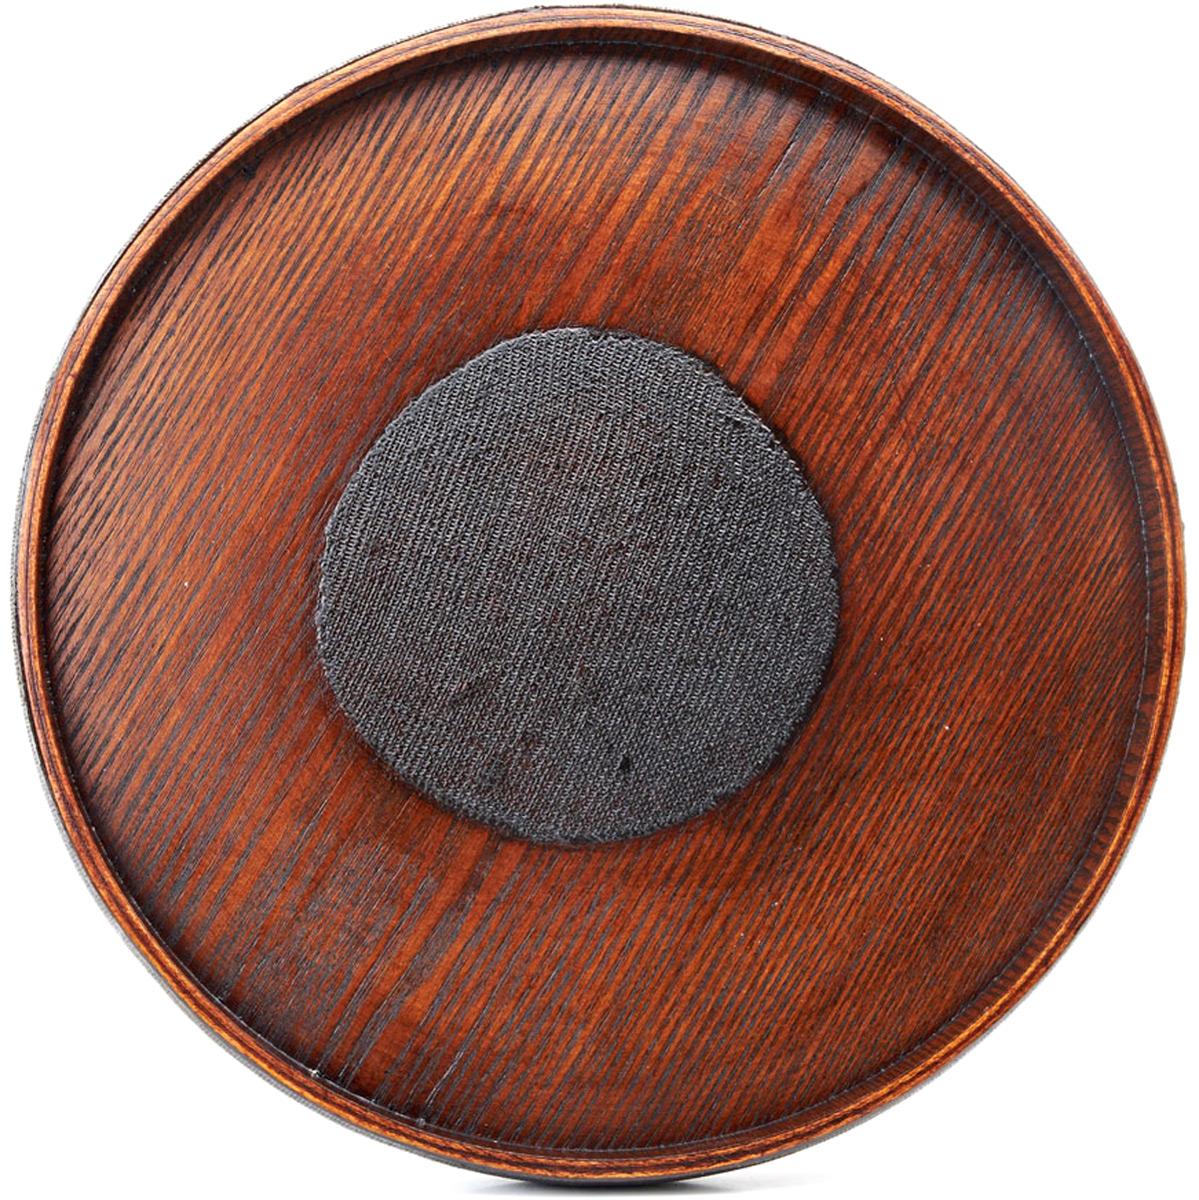 Поднос выполнен из высококачественного бамбука.Он станет идеальным и незаменимым предметом сервировки для праздничного стола!Каждое изделие сочетает в себе оригинальность и неповторимость.